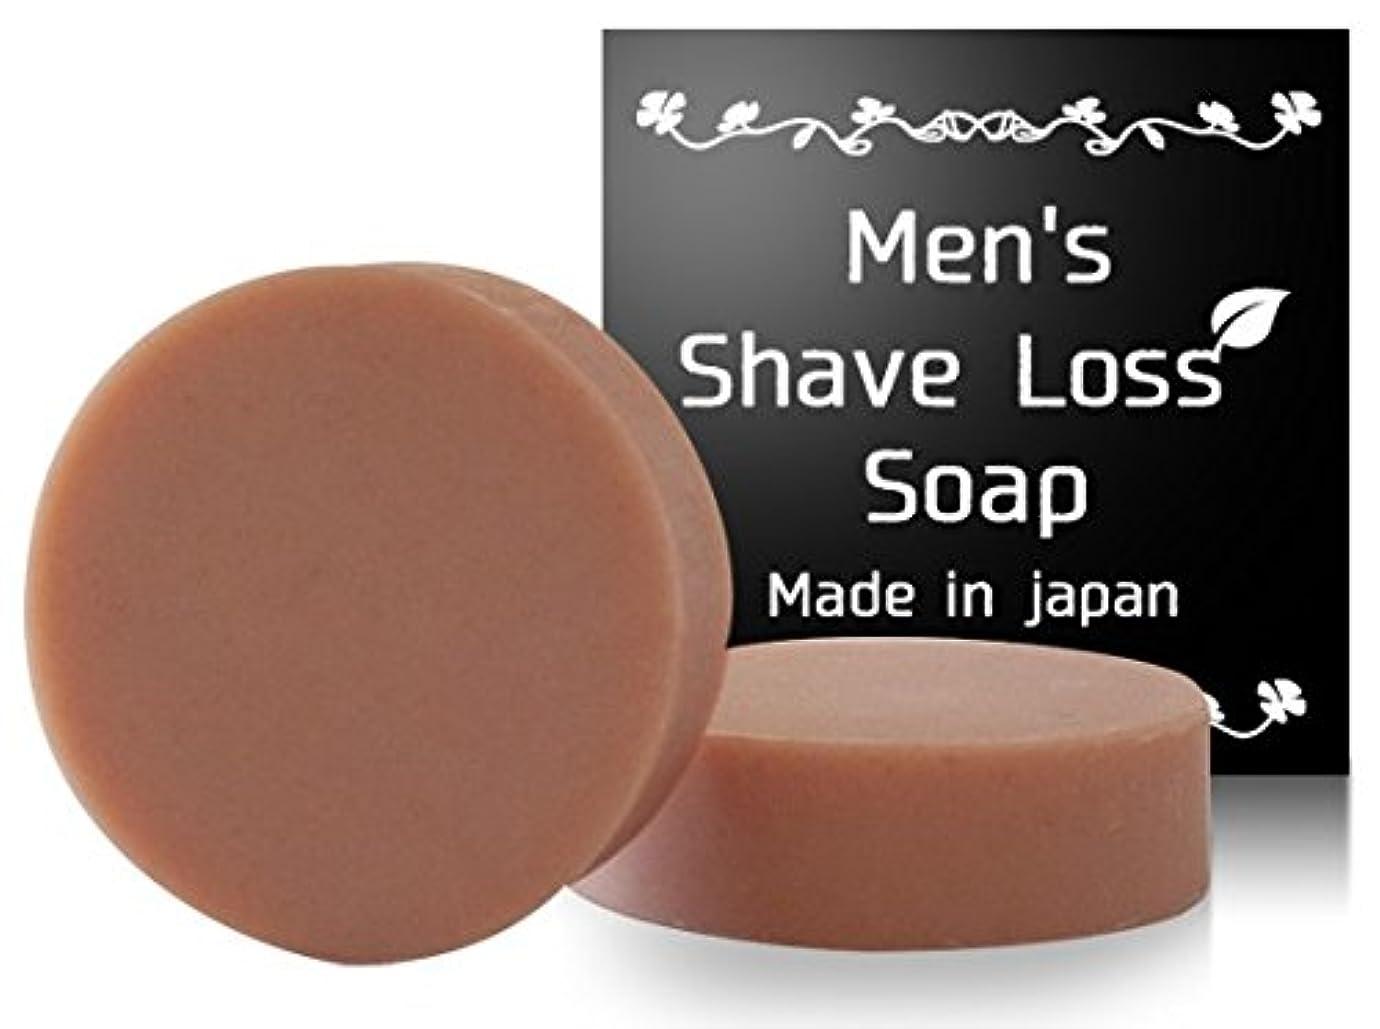 傘フィットシャツMens Shave Loss Soap シェーブロス 剛毛は嫌!ツルツル過ぎも嫌! そんな夢を叶えた奇跡の石鹸! 【男性専用】(1個)